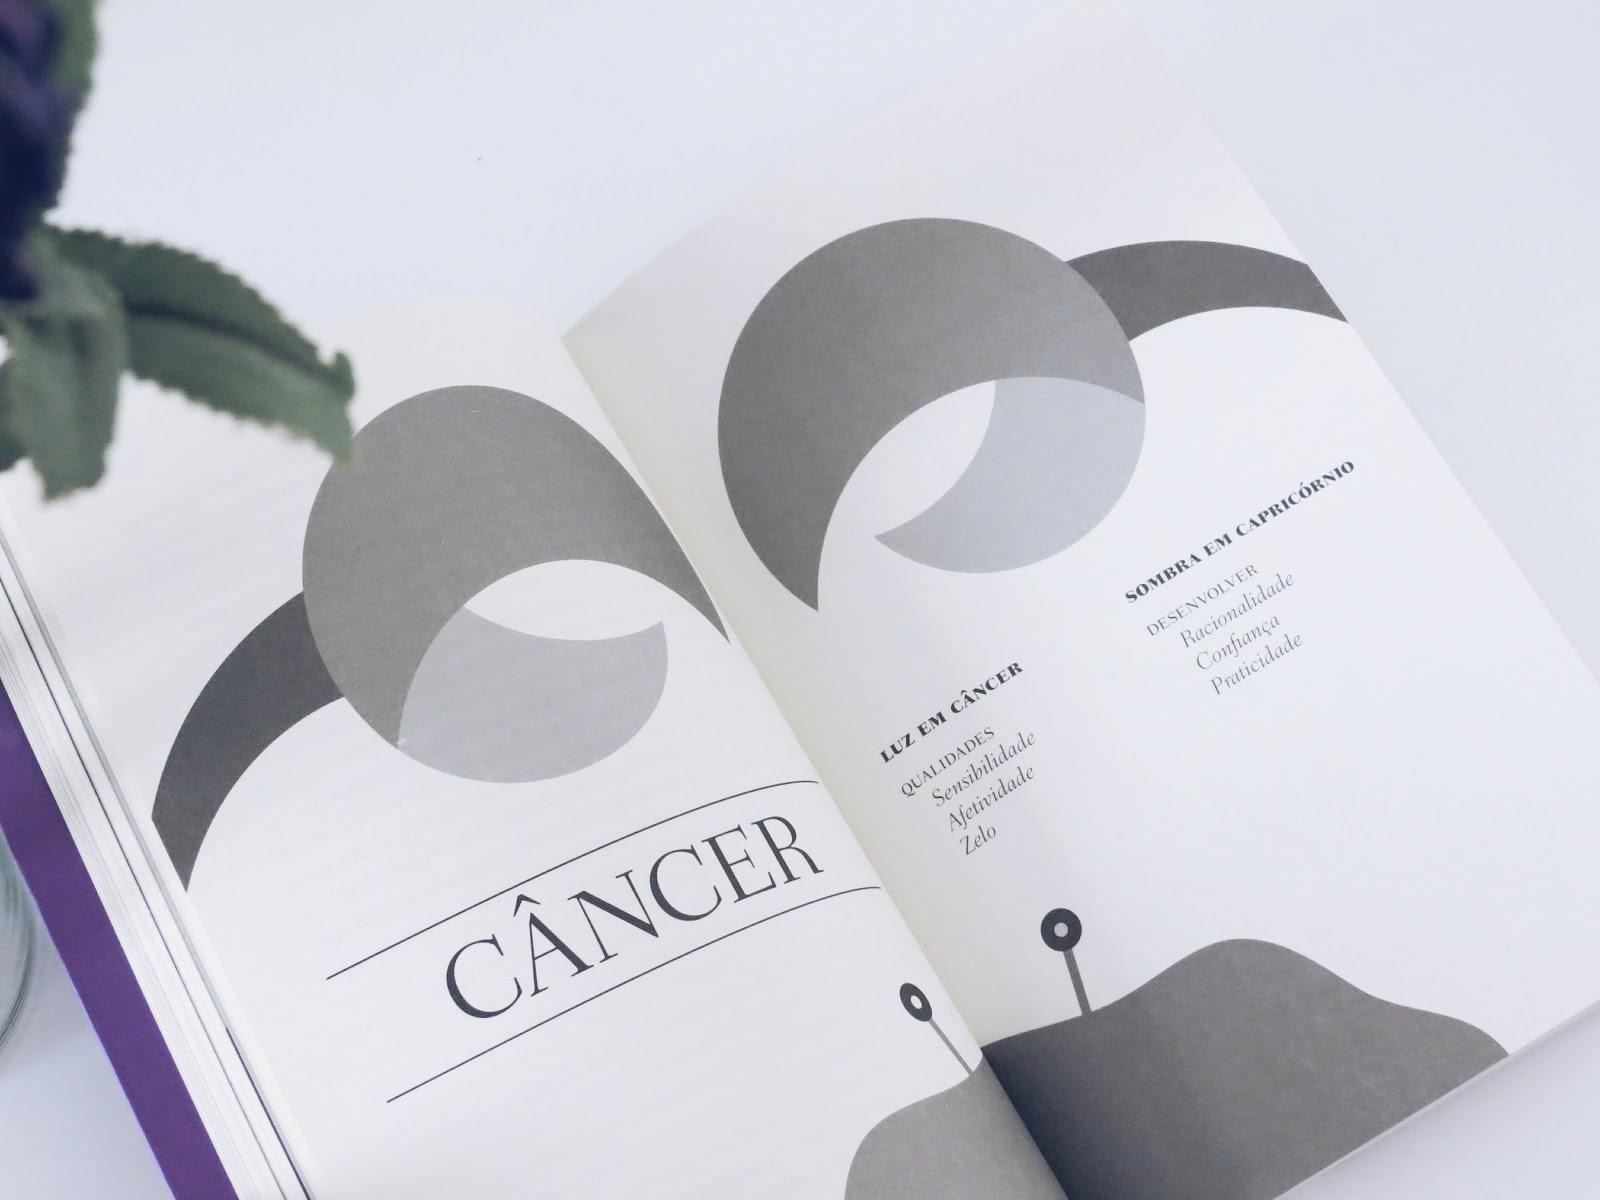 página de livro sobre o signo de câncer